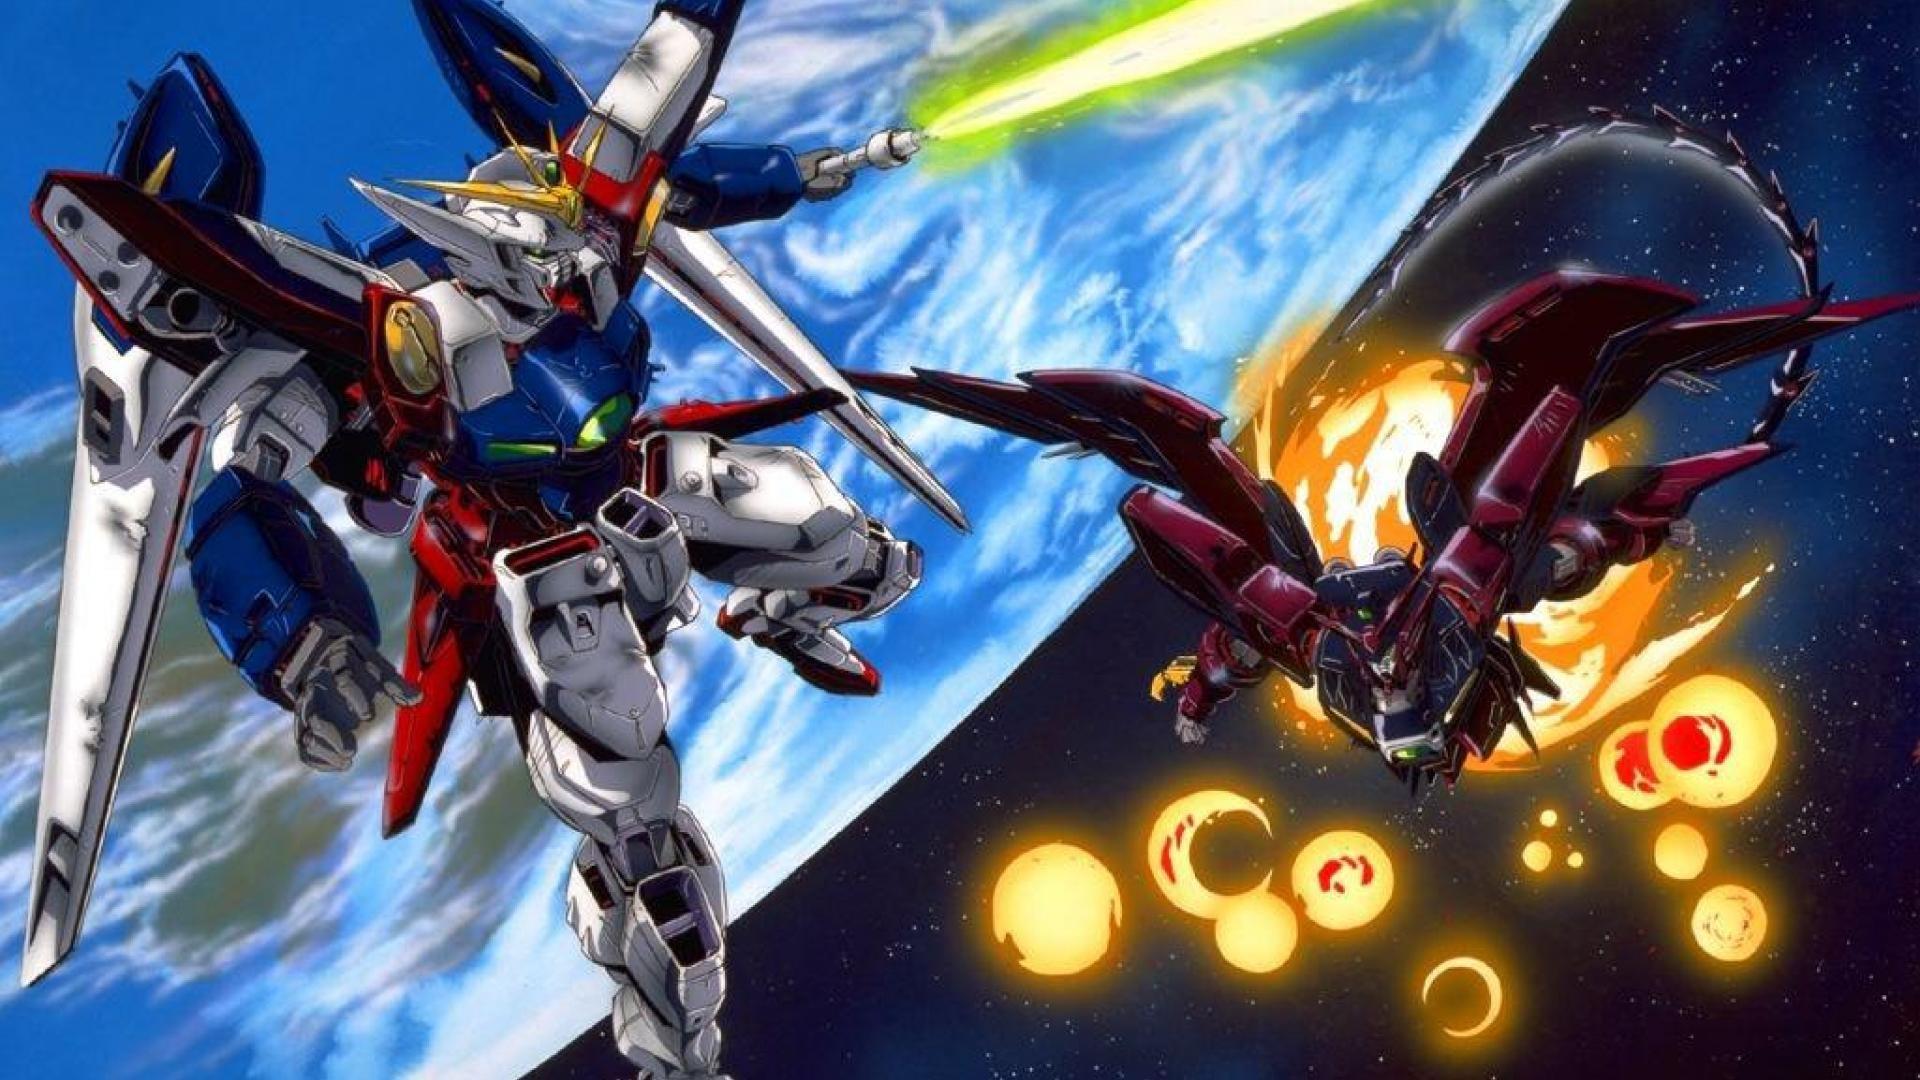 Gundam Wallpapers, Gundam Wallpaper 1920×1080